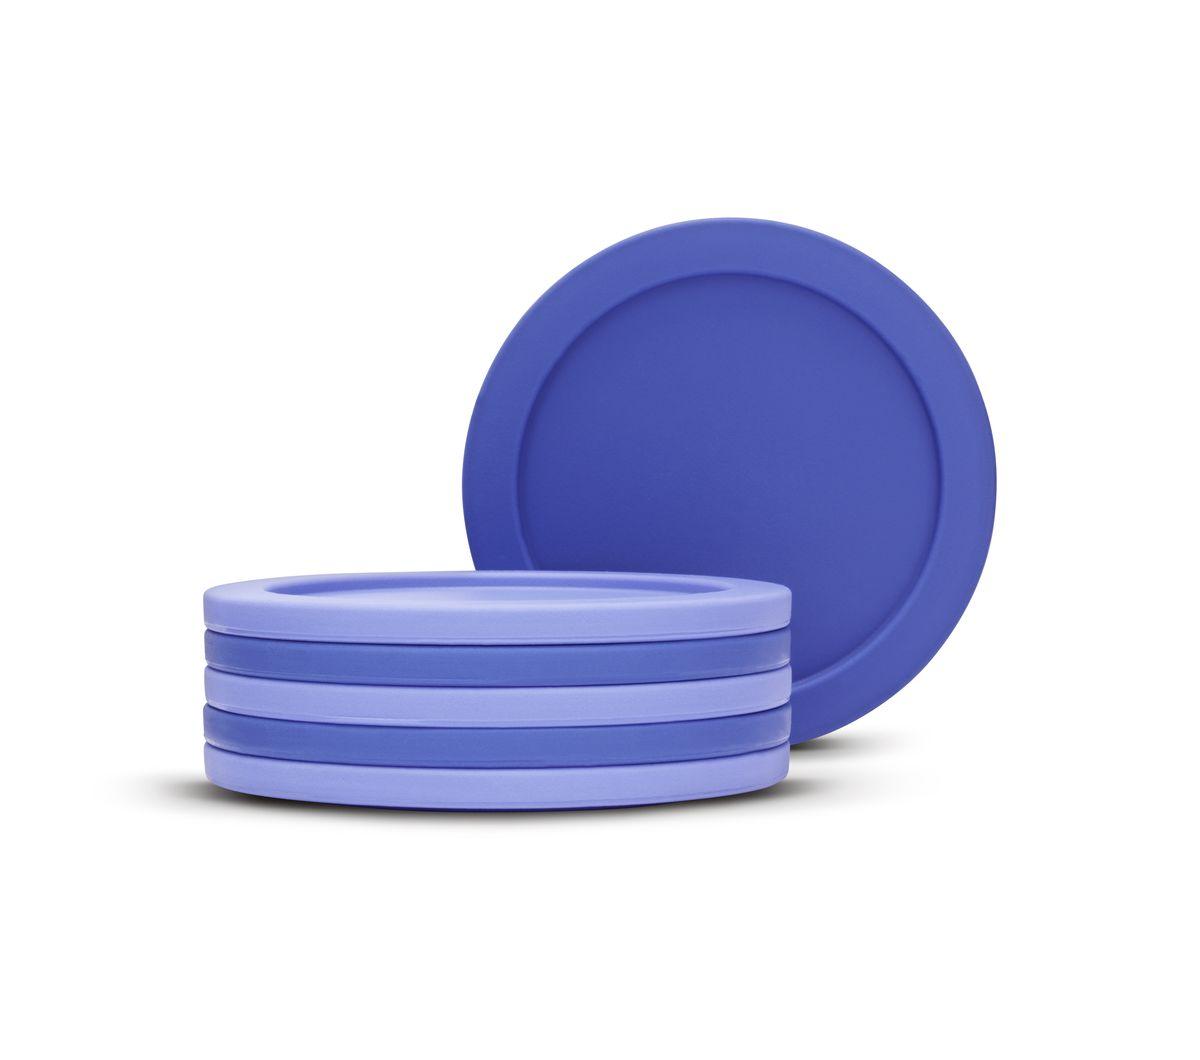 Набор подставок под стаканы Brabantia, цвет: фиолетовый, 6 шт. 621048 подставки под стаканы balvi подставка под стаканы pizza 6шт